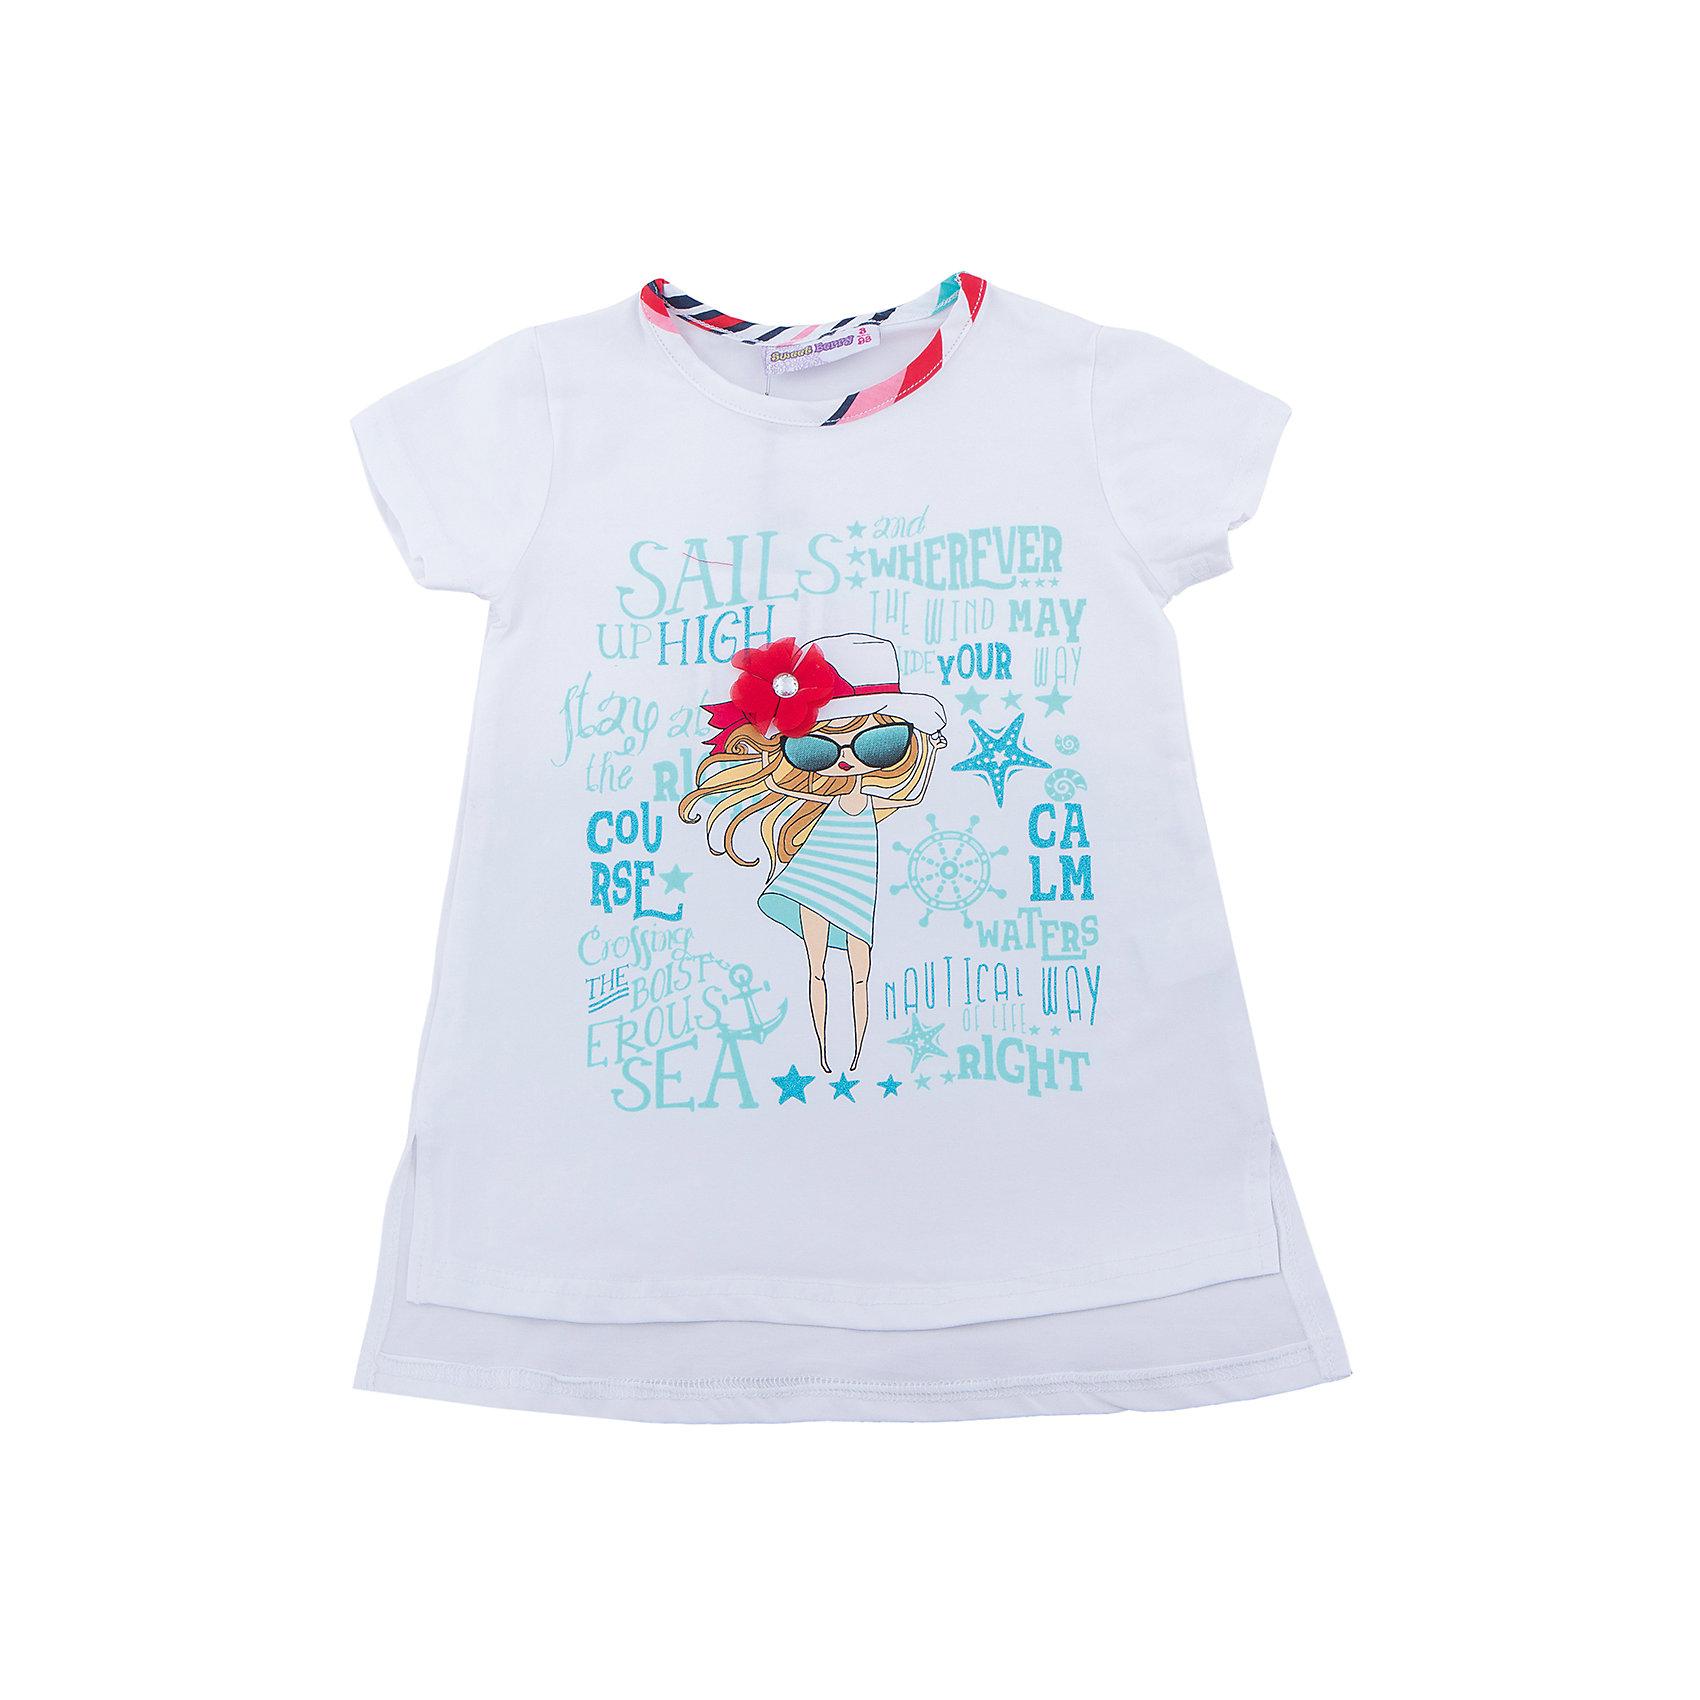 Футболка для девочки Sweet BerryФутболки, поло и топы<br>Удлиненная футболка из трикотажной, мягкой ткани для девочки с коротким рукавом и удлиненной спинкой. Декорирована оригинальным принтом и контрастным кантом.<br>Состав:<br>95%хлопок 5%эластан<br><br>Ширина мм: 199<br>Глубина мм: 10<br>Высота мм: 161<br>Вес г: 151<br>Цвет: белый<br>Возраст от месяцев: 36<br>Возраст до месяцев: 48<br>Пол: Женский<br>Возраст: Детский<br>Размер: 104,98,110,116,122,128<br>SKU: 5411856